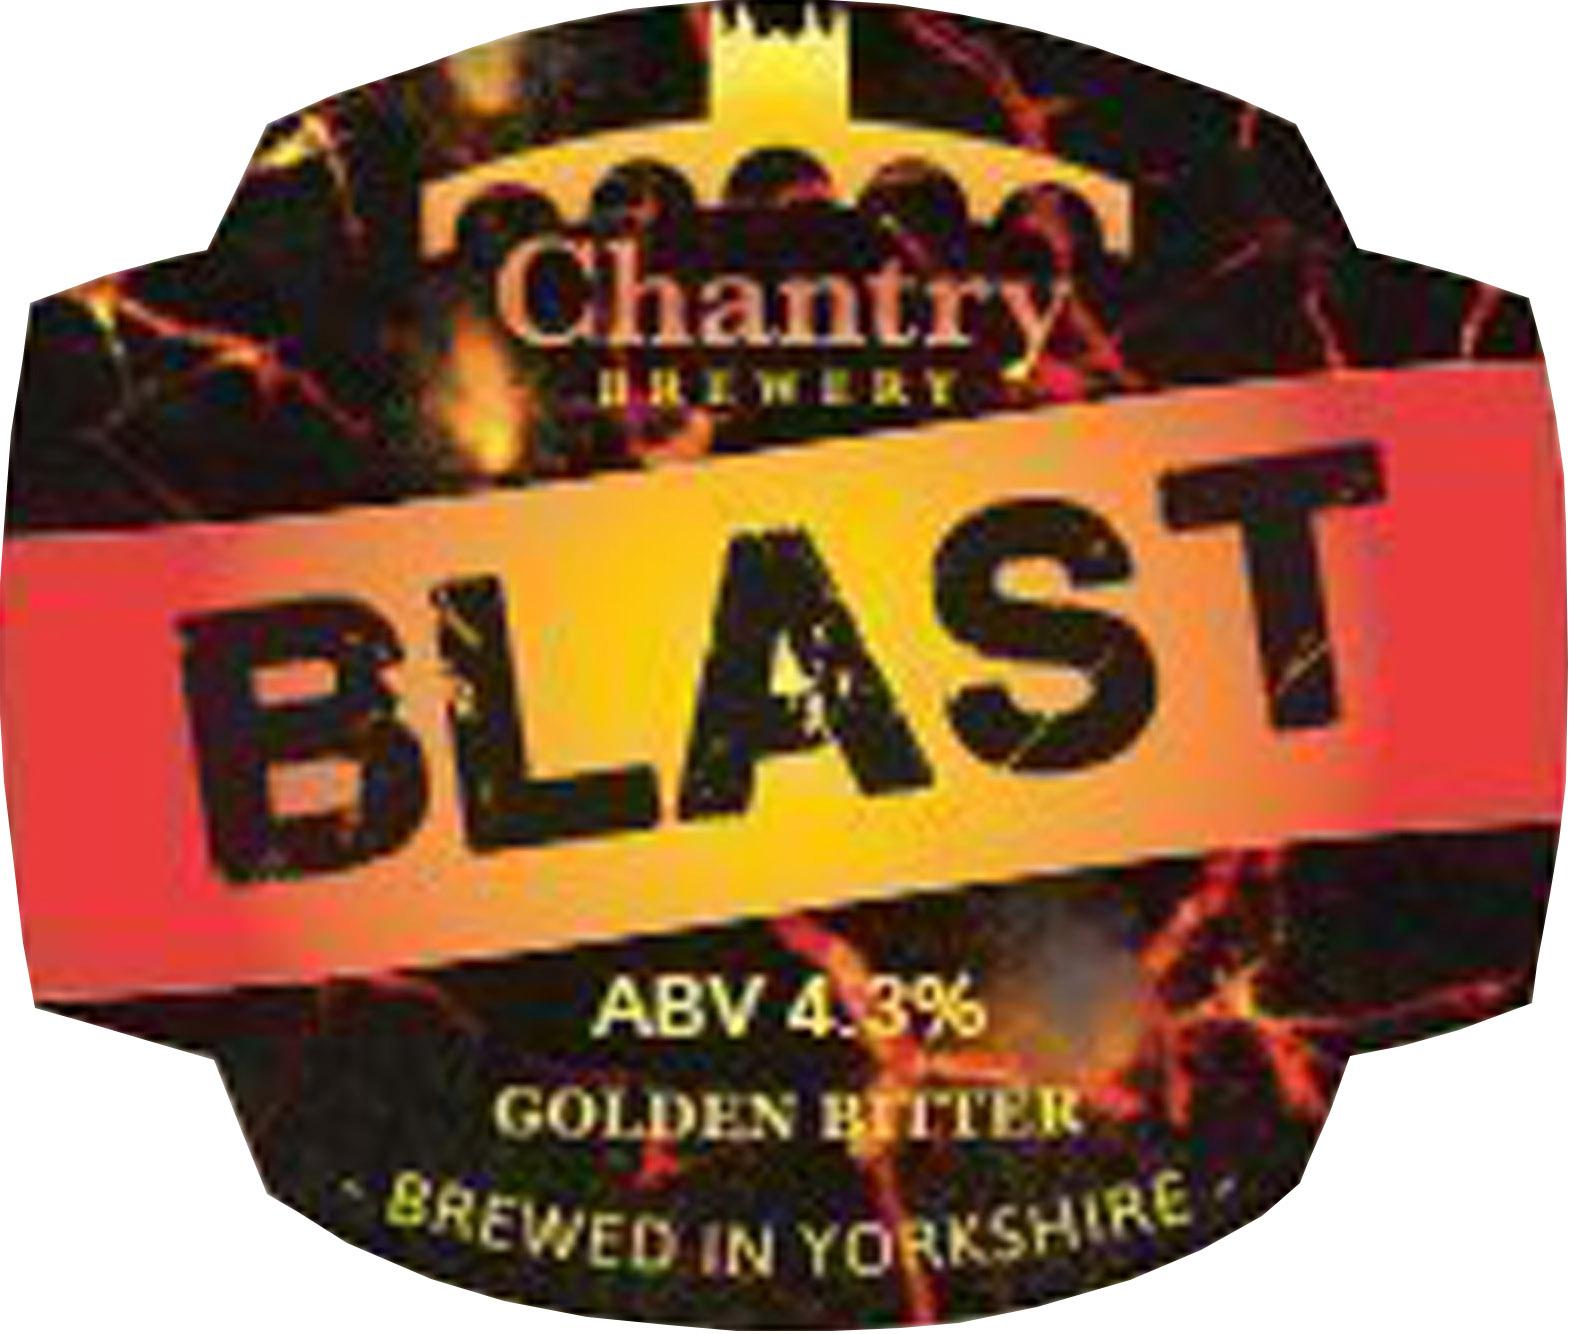 Chantry Brewery BLAST